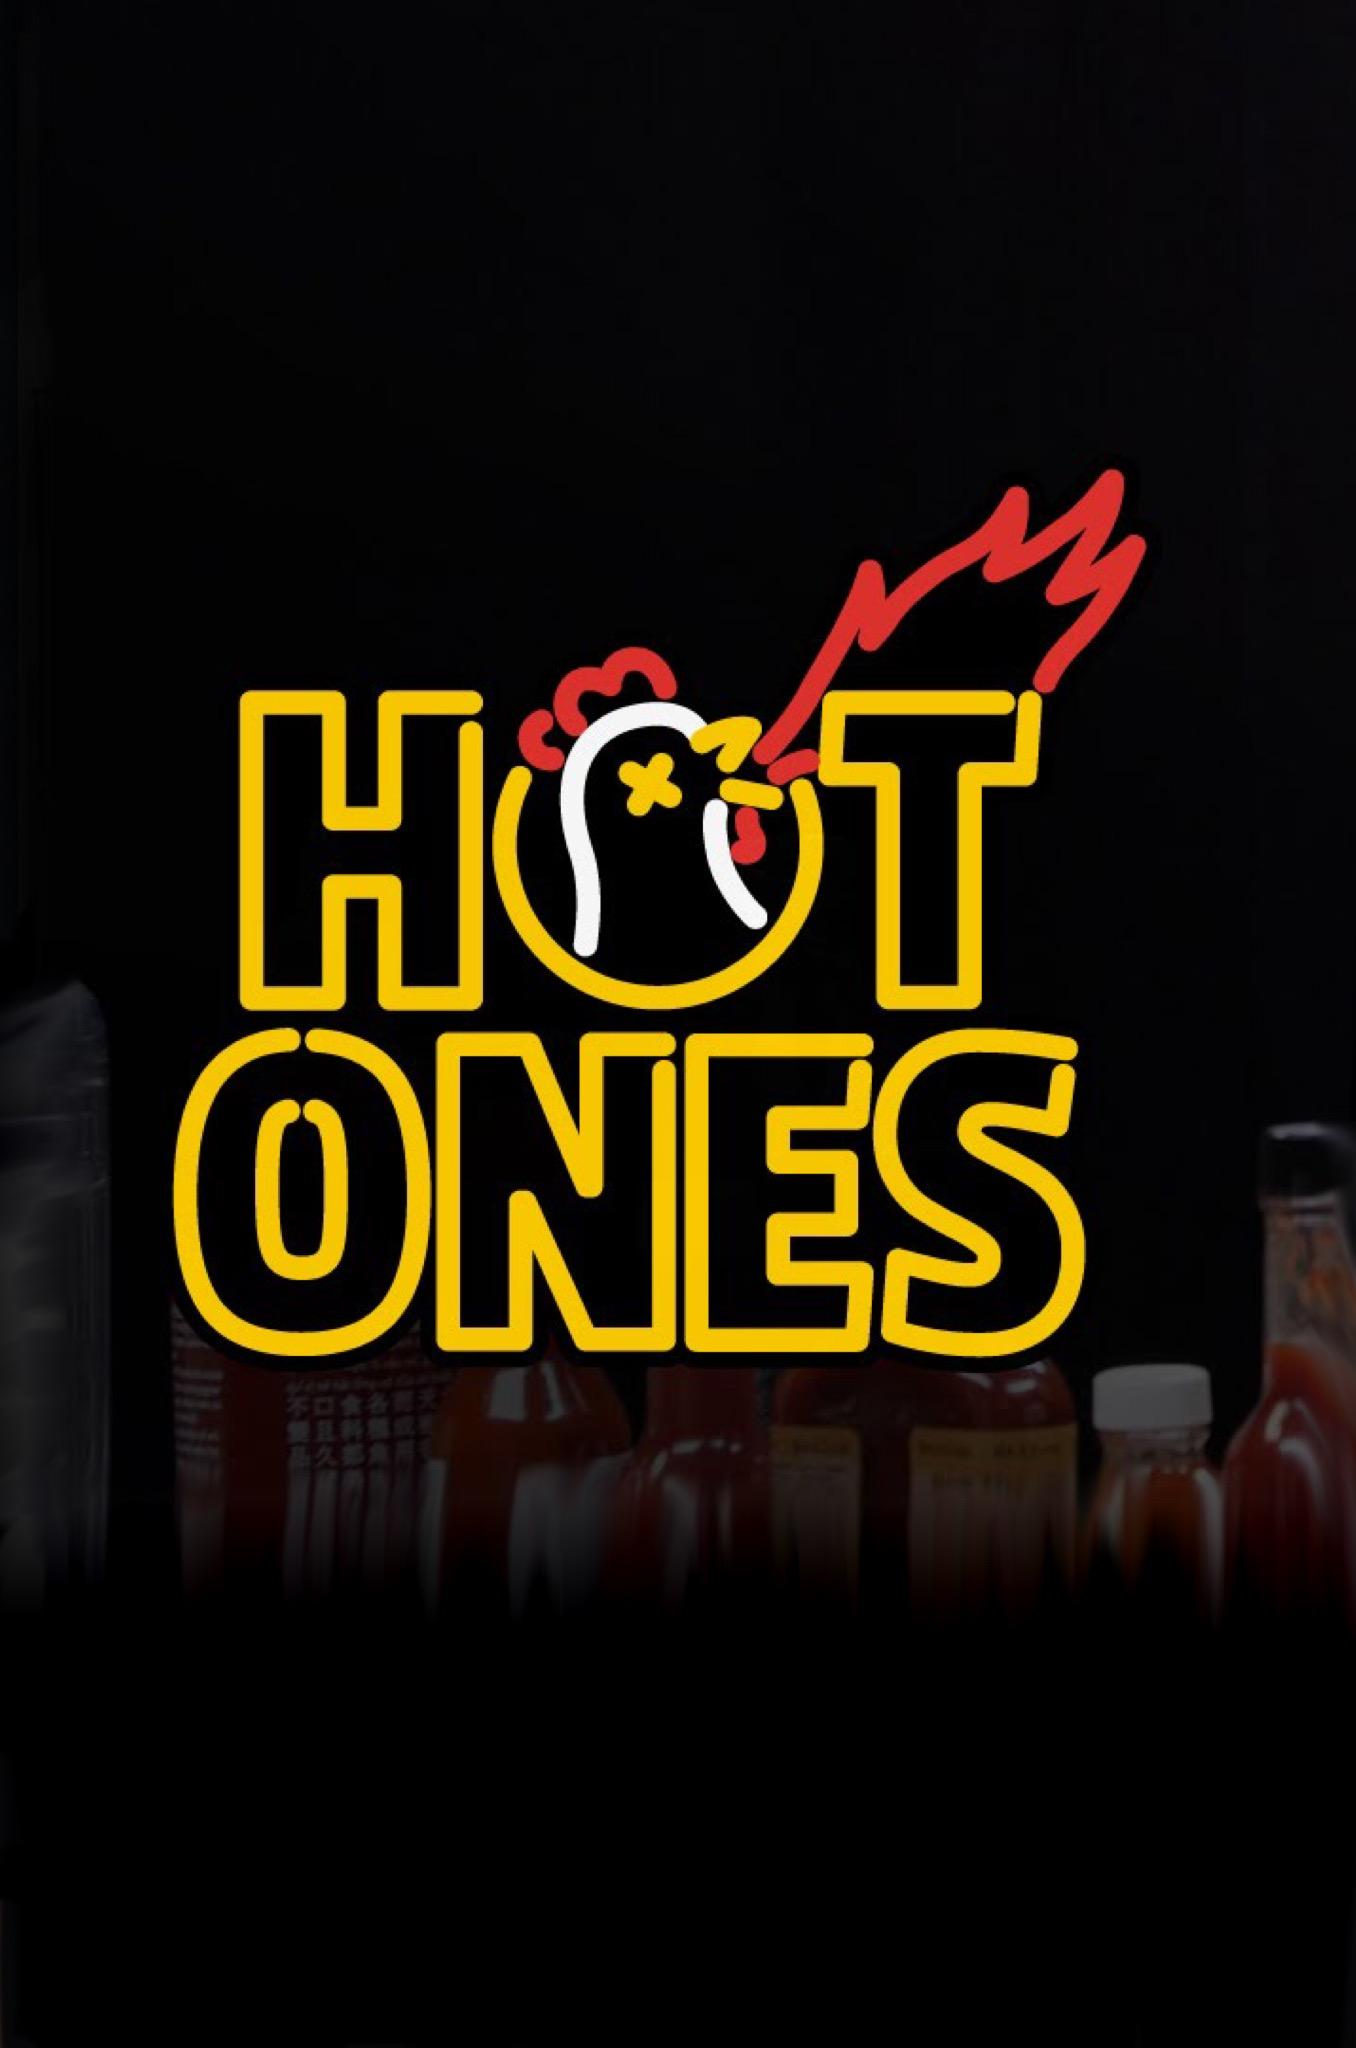 d07e87073a1 Hot Ones (TV Series 2015– ) - IMDb